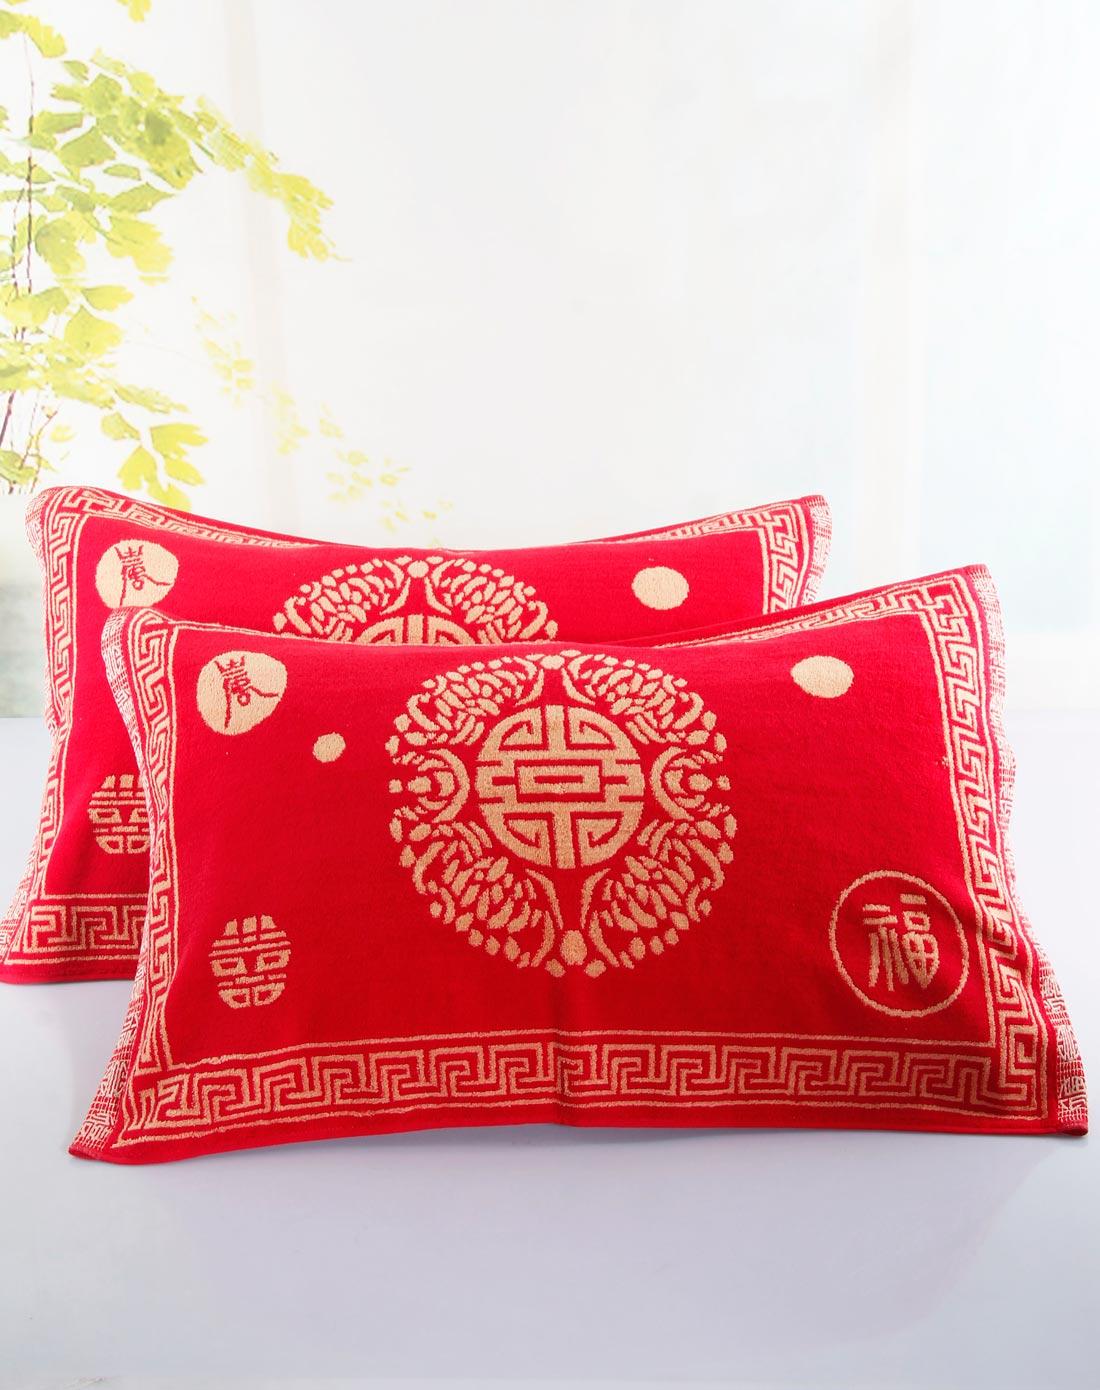 结婚喜字枕巾一对装-大红喜字